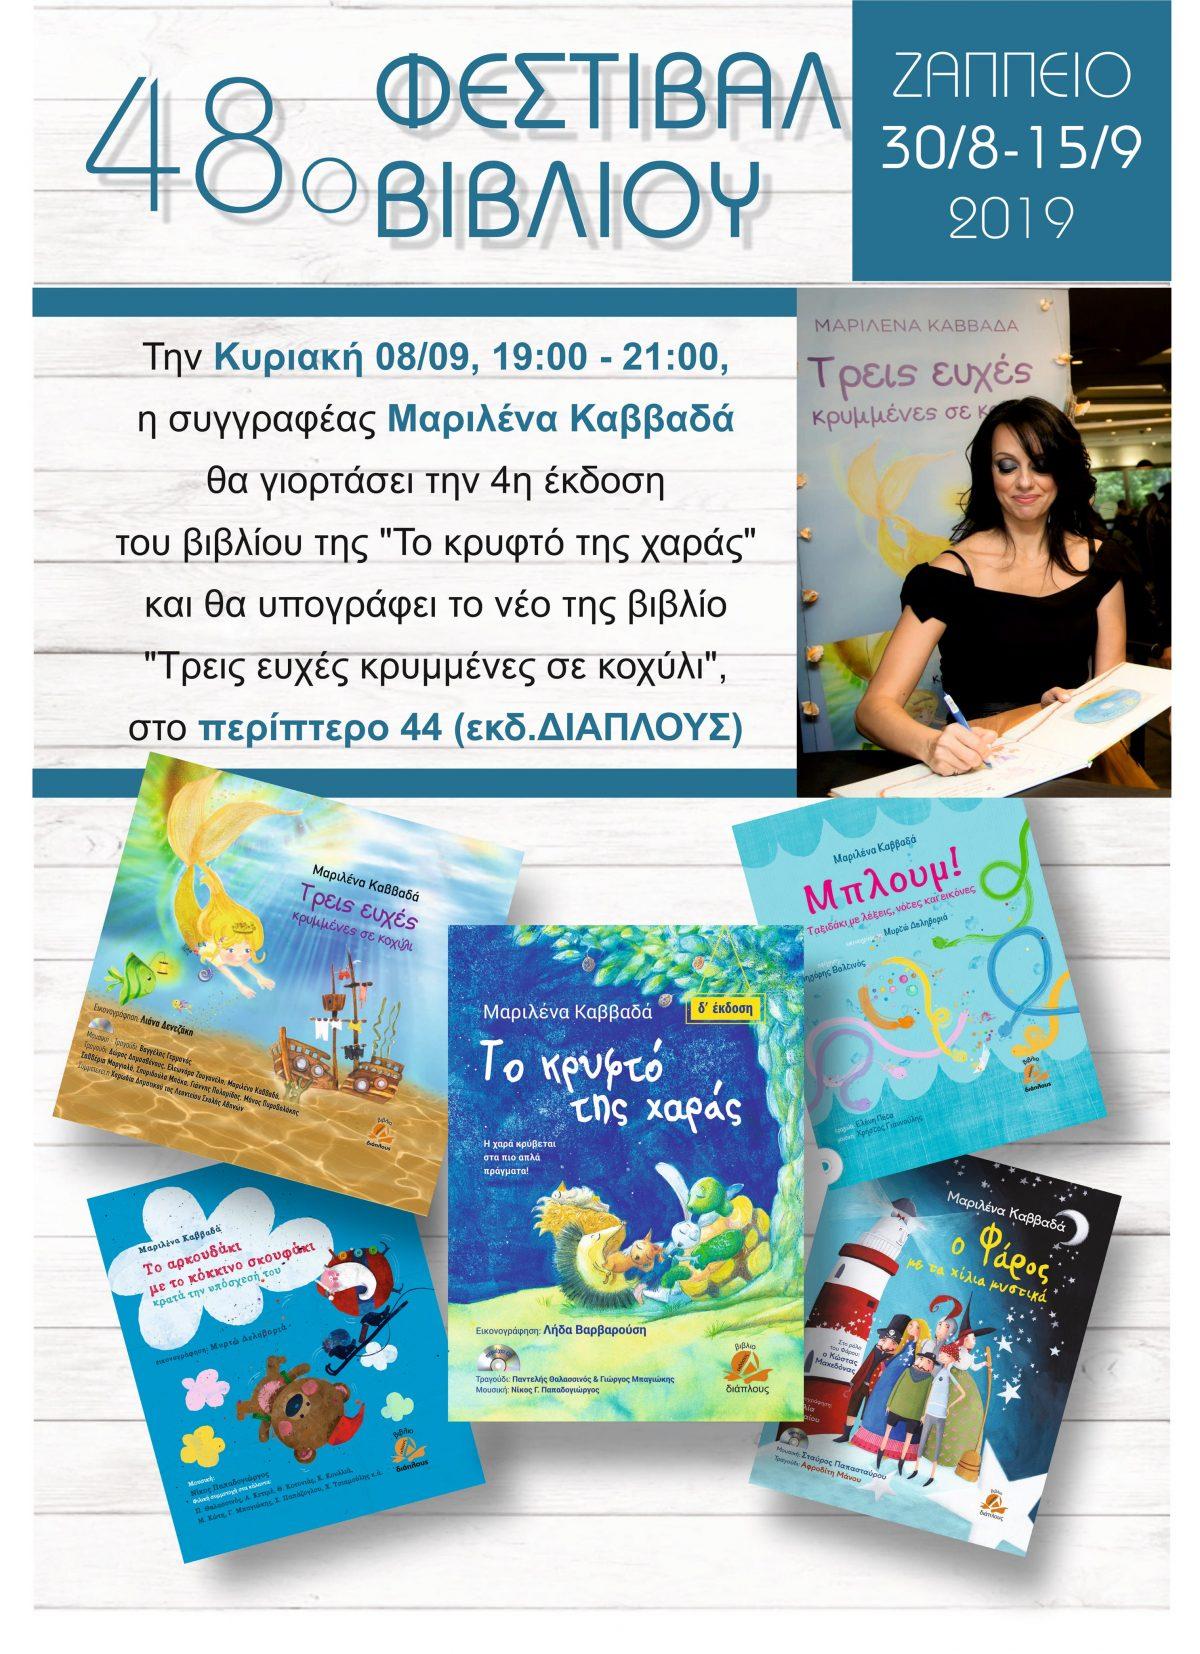 Η Μαριλένα Καββαδά και οι εκδόσεις Διάπλους σας περιμένουν σήμερα 8/9 στο Ζάππειο!